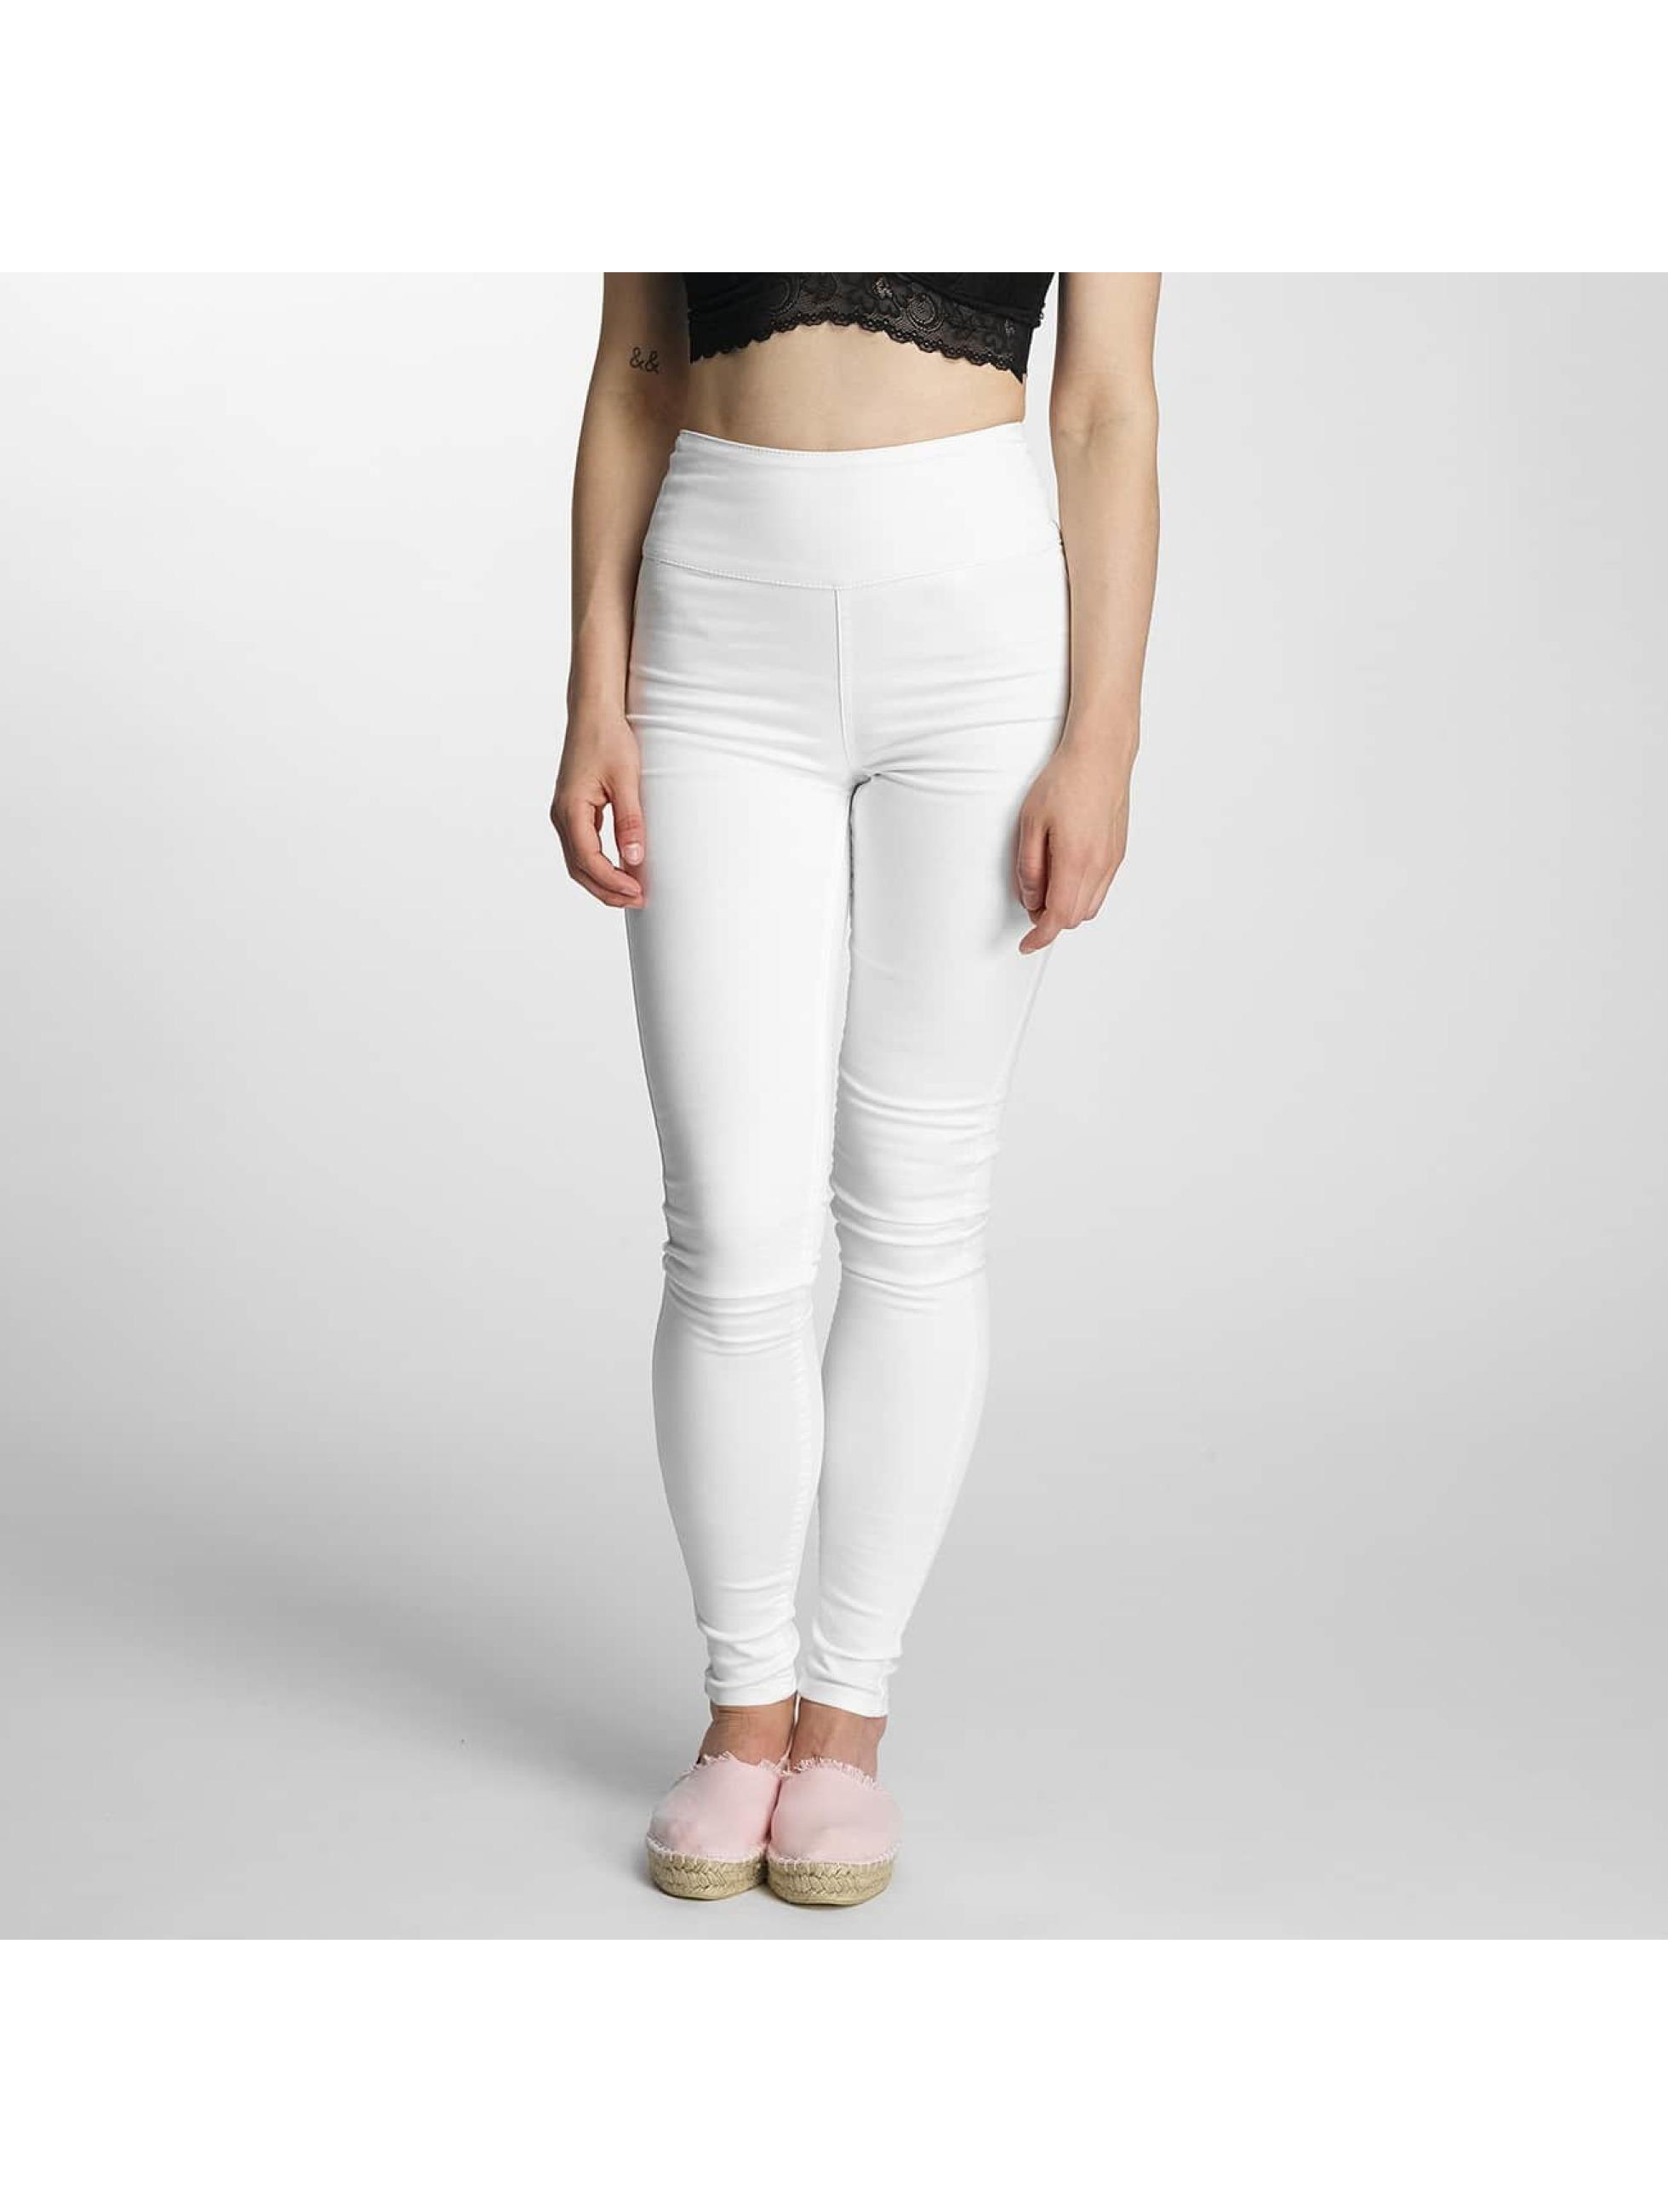 Pieces Frauen High Waist Jeans pcJust in weiß